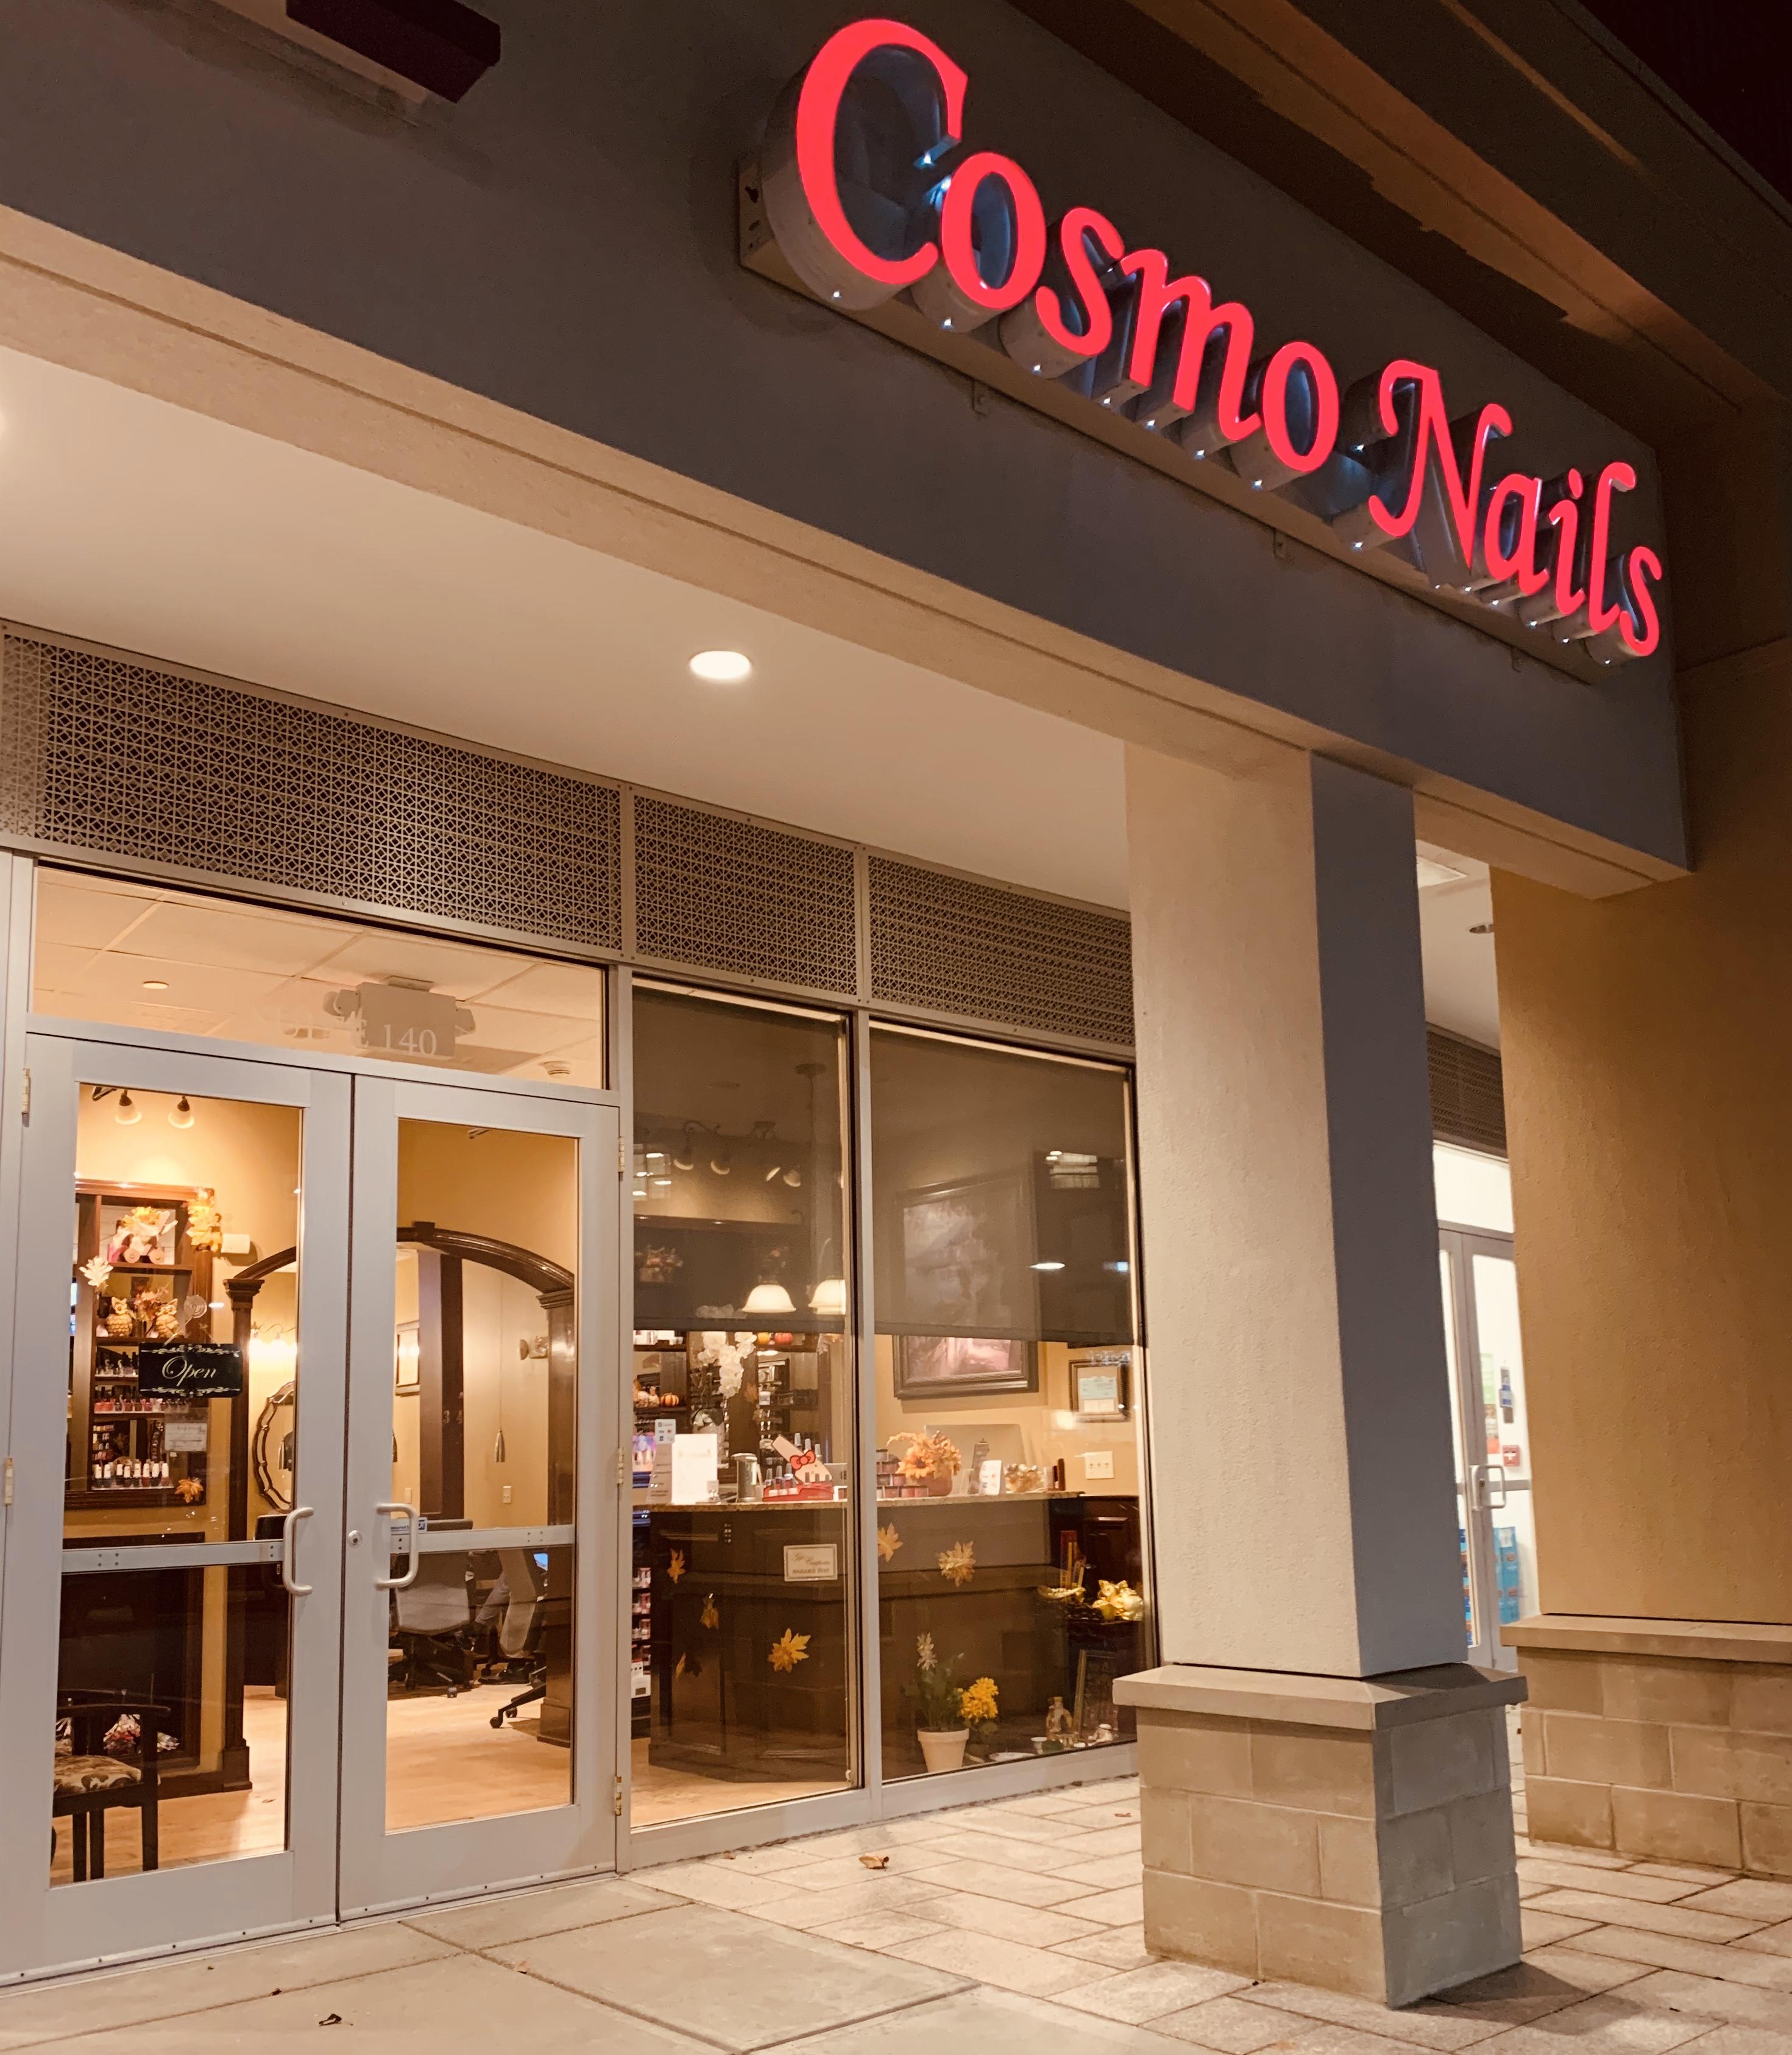 Cosmo Entrance